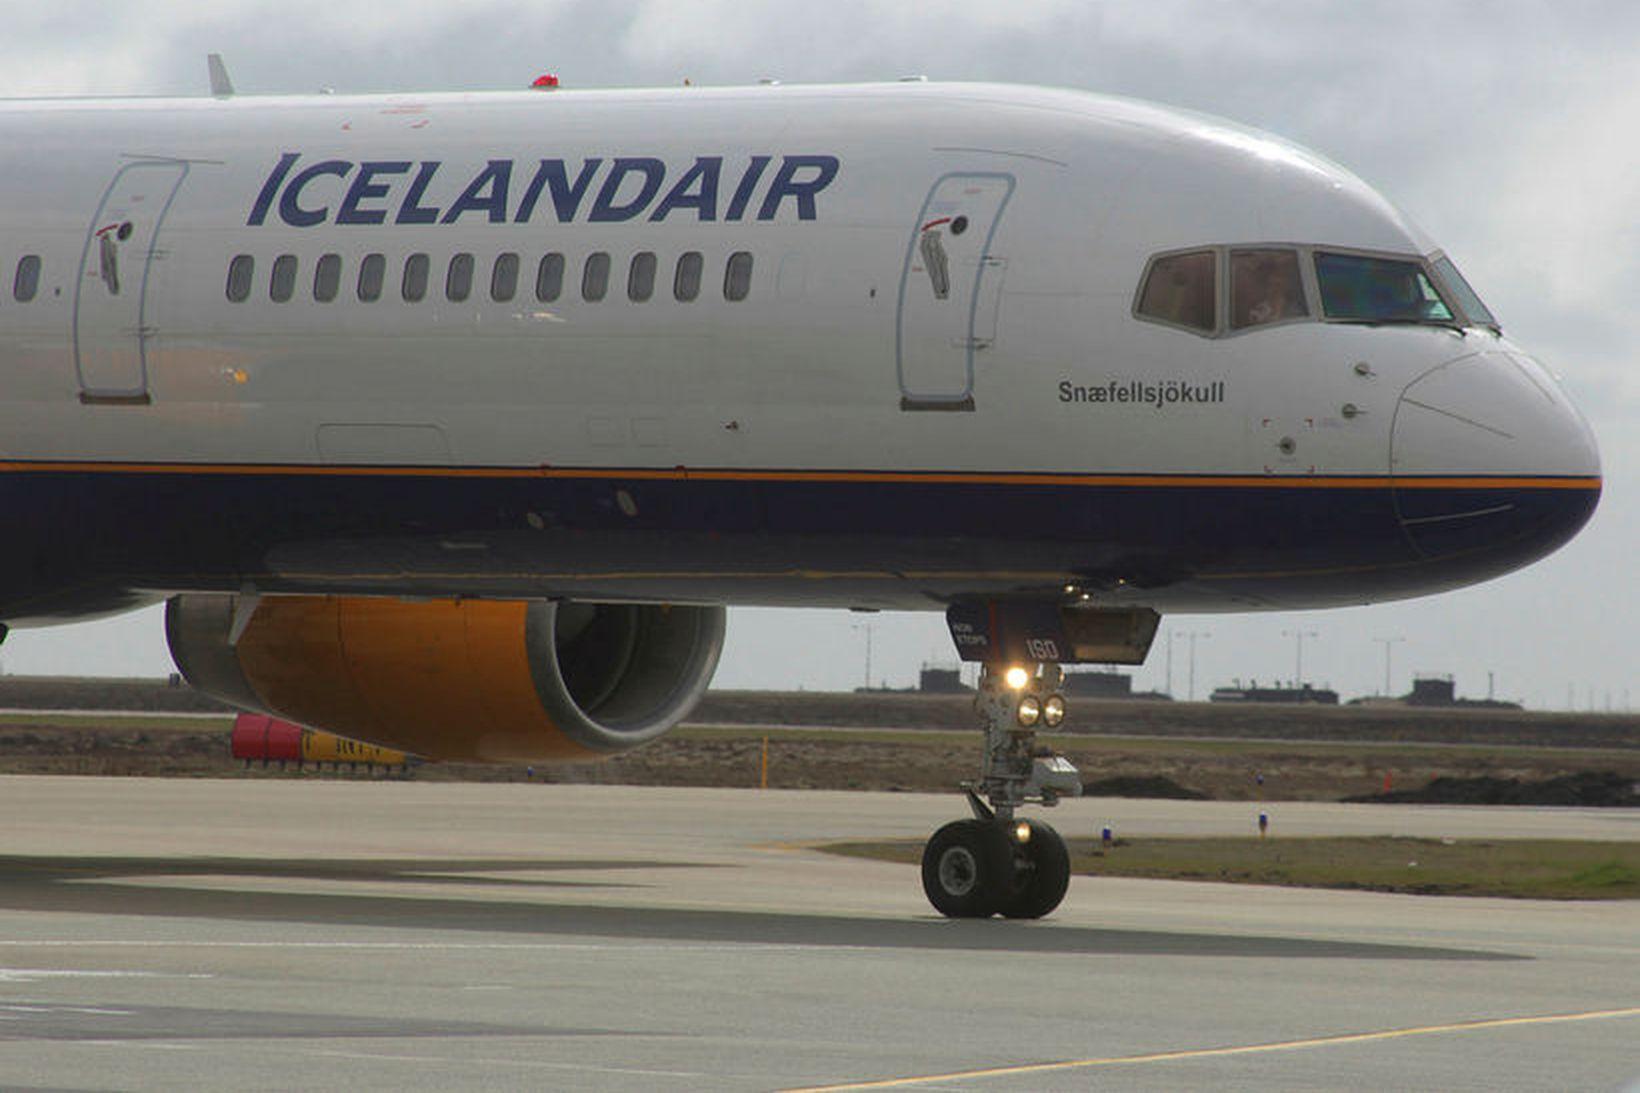 Flugvirkjar Icelandair eru komnir í verkfall.